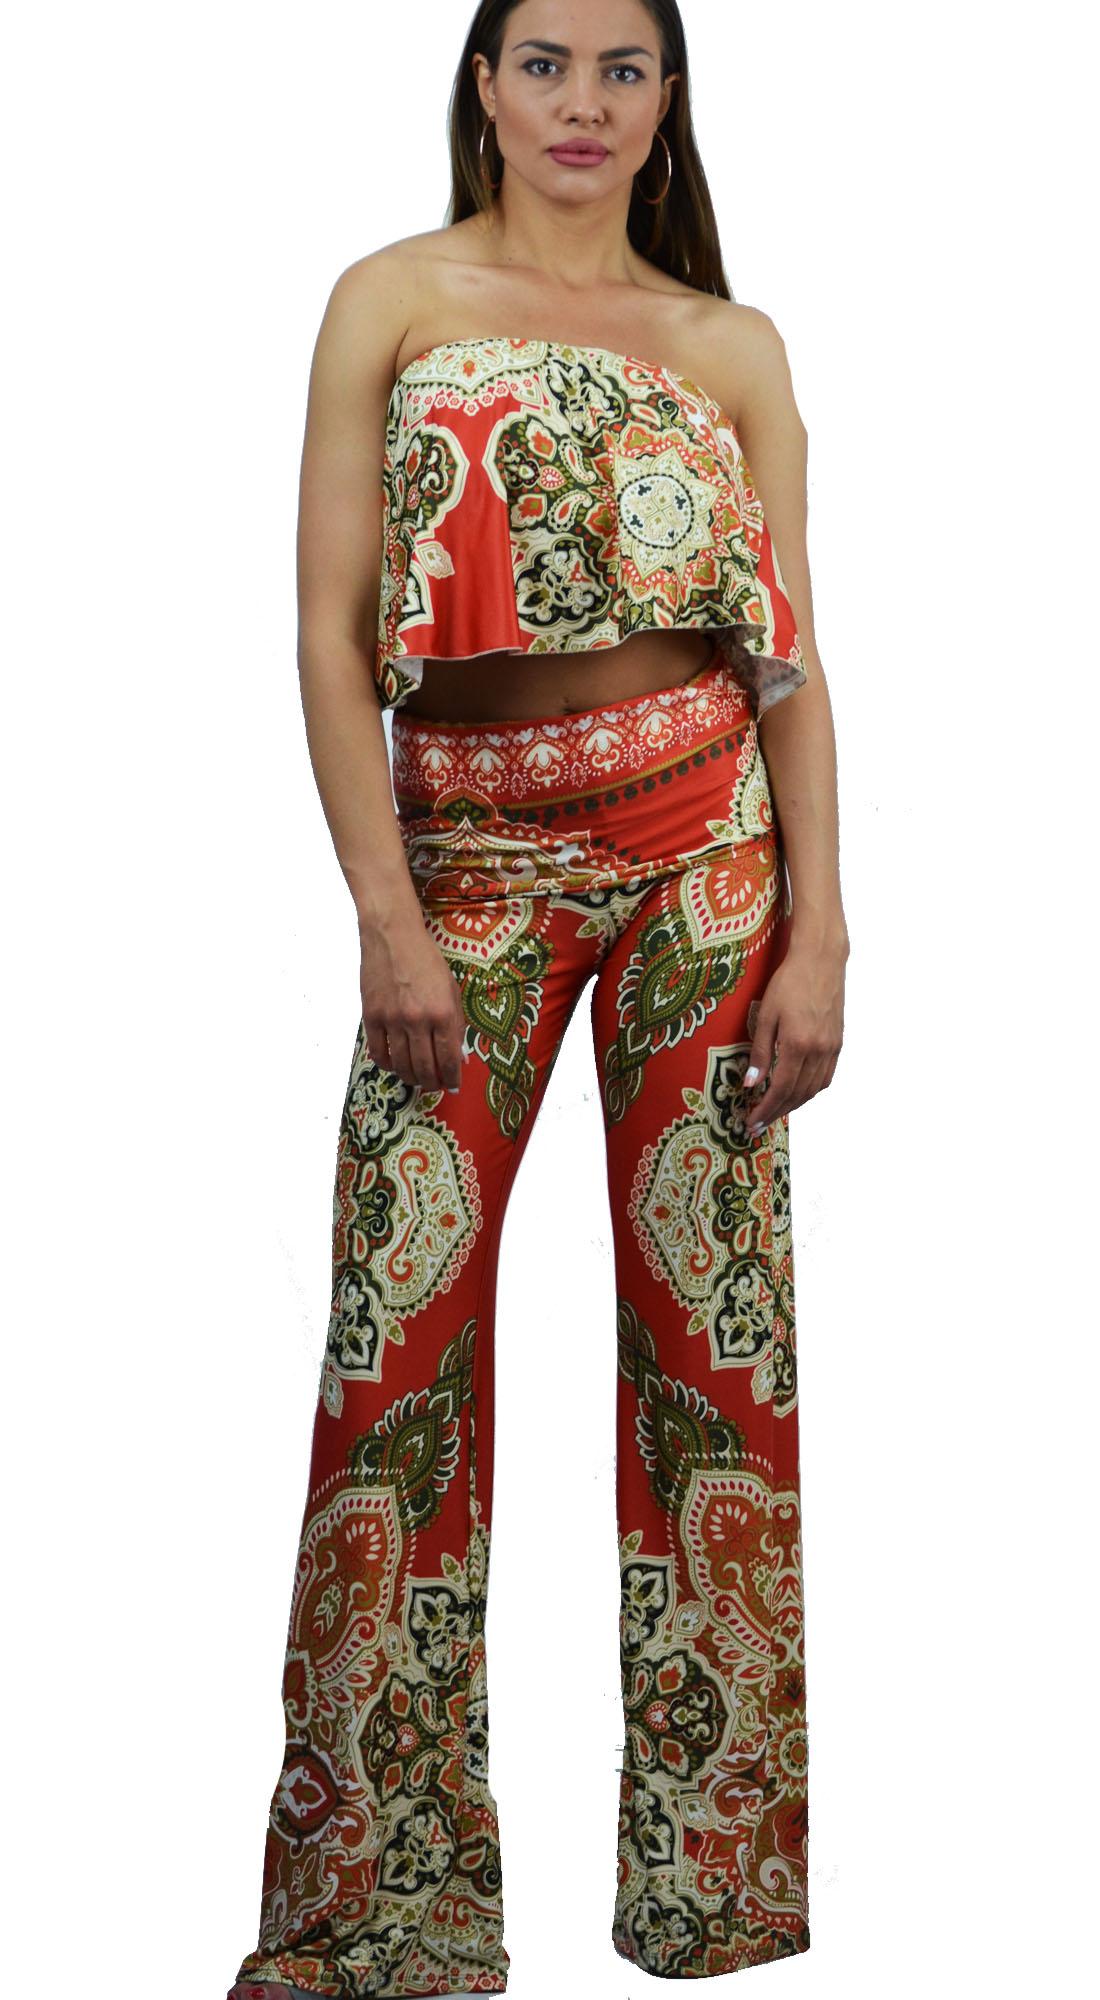 Γυναικείο Σετ Τοπ Online εμπριμέ με Paisley Prints & Παντελόνα - OEM - S17ON-530